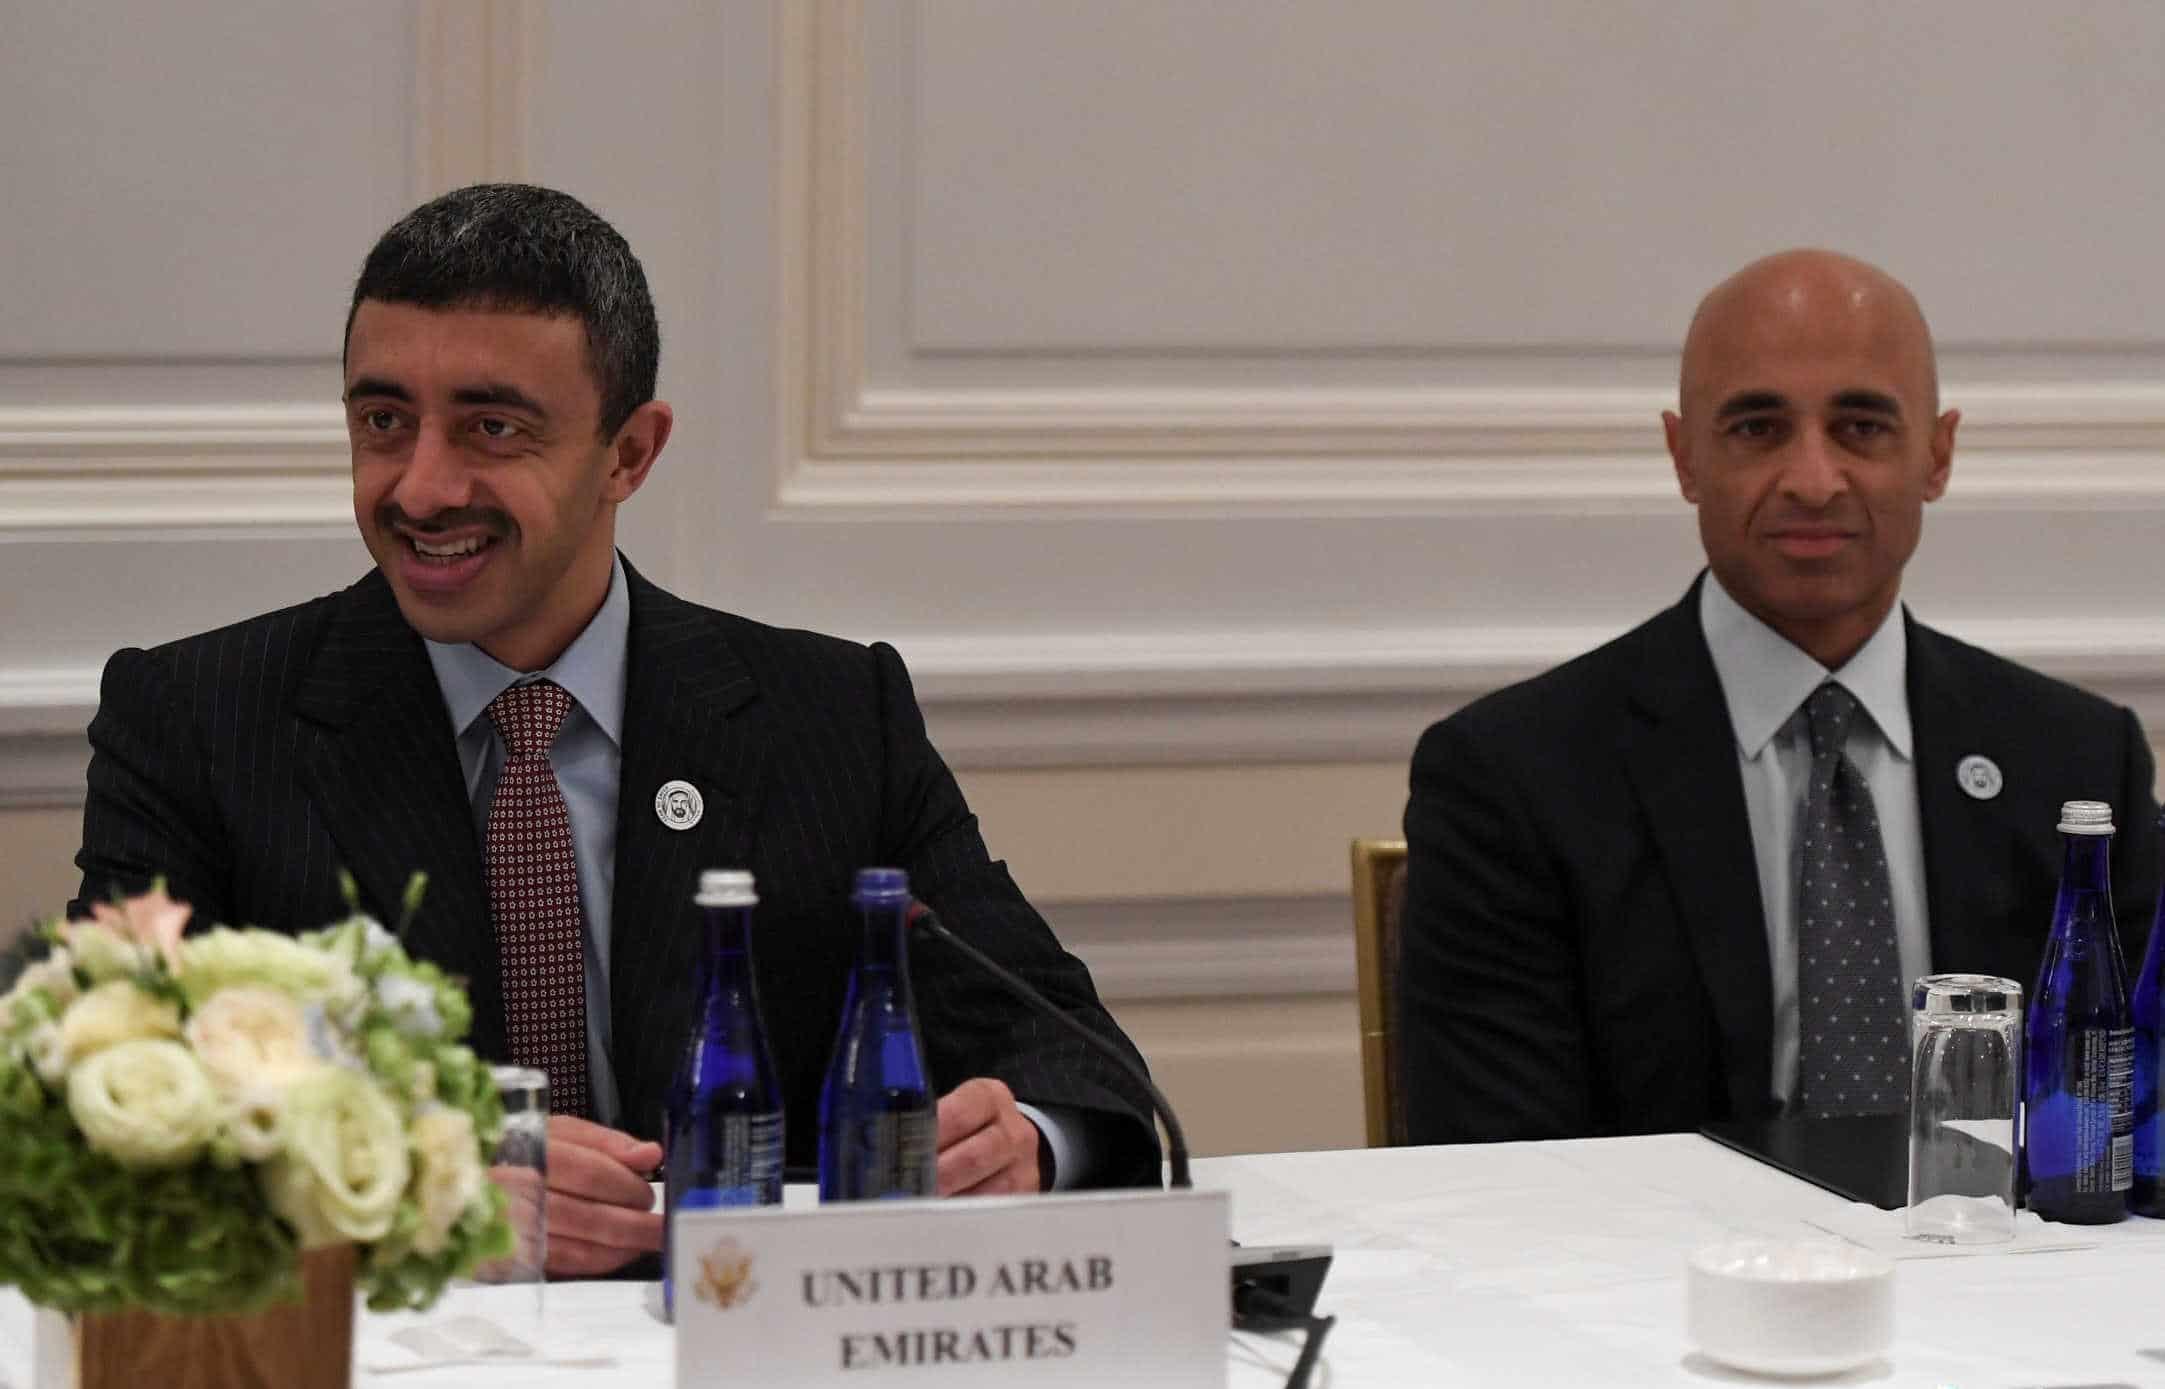 بالأرقام.. الإمارات أنفقت ملايين الدولارات لإدارة عملية نفوذ غير مشروعة داخل أمريكا